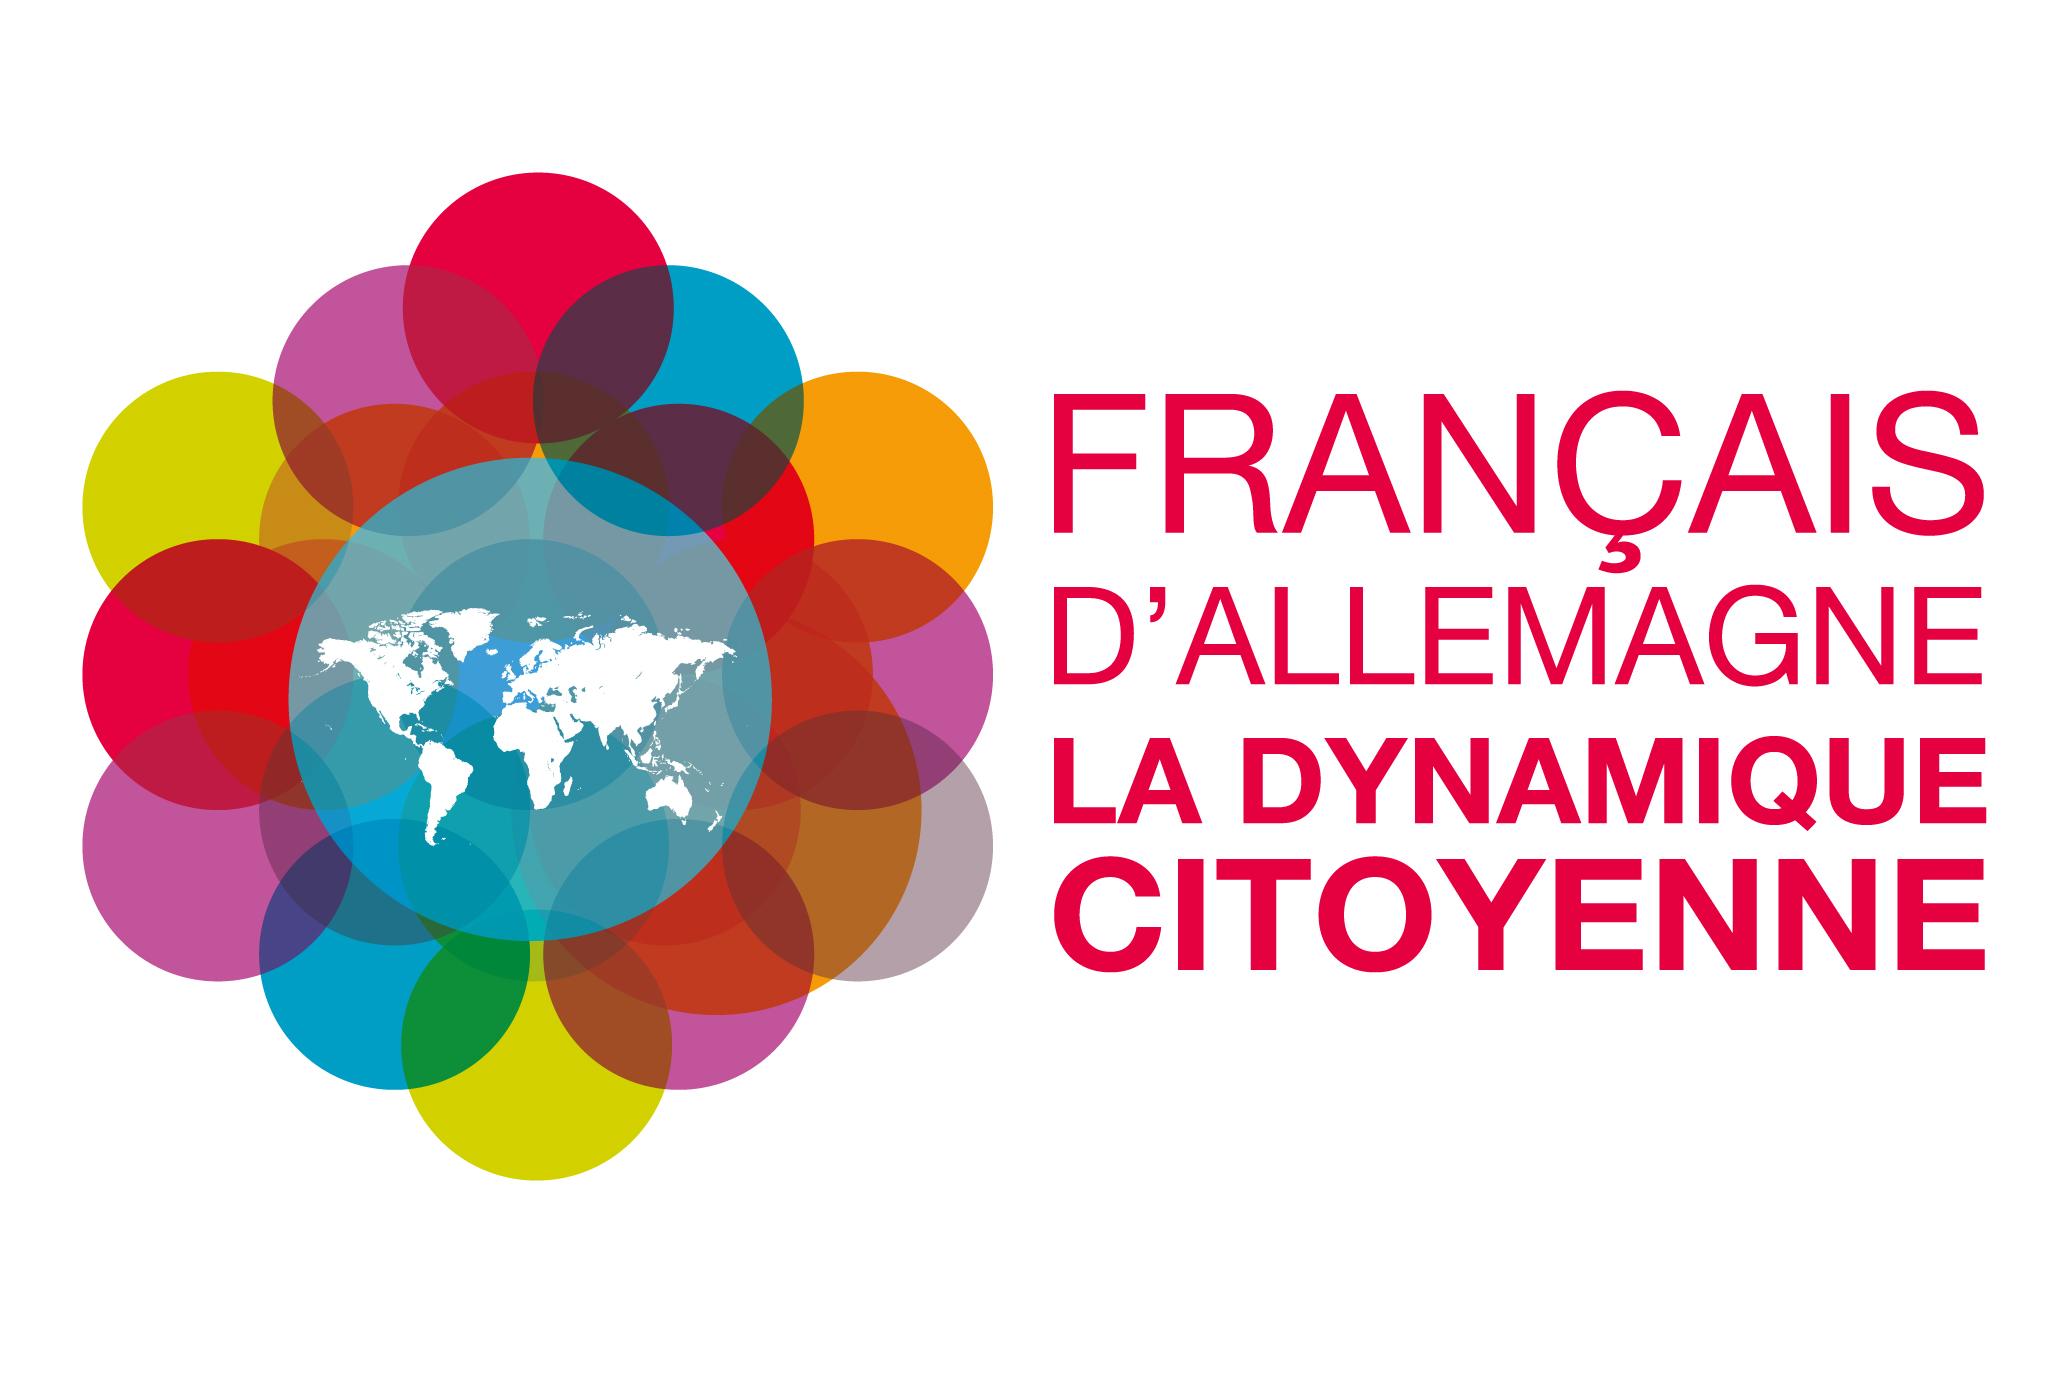 Français d'Allemagne : la DYNAMIQUE CITOYENNE